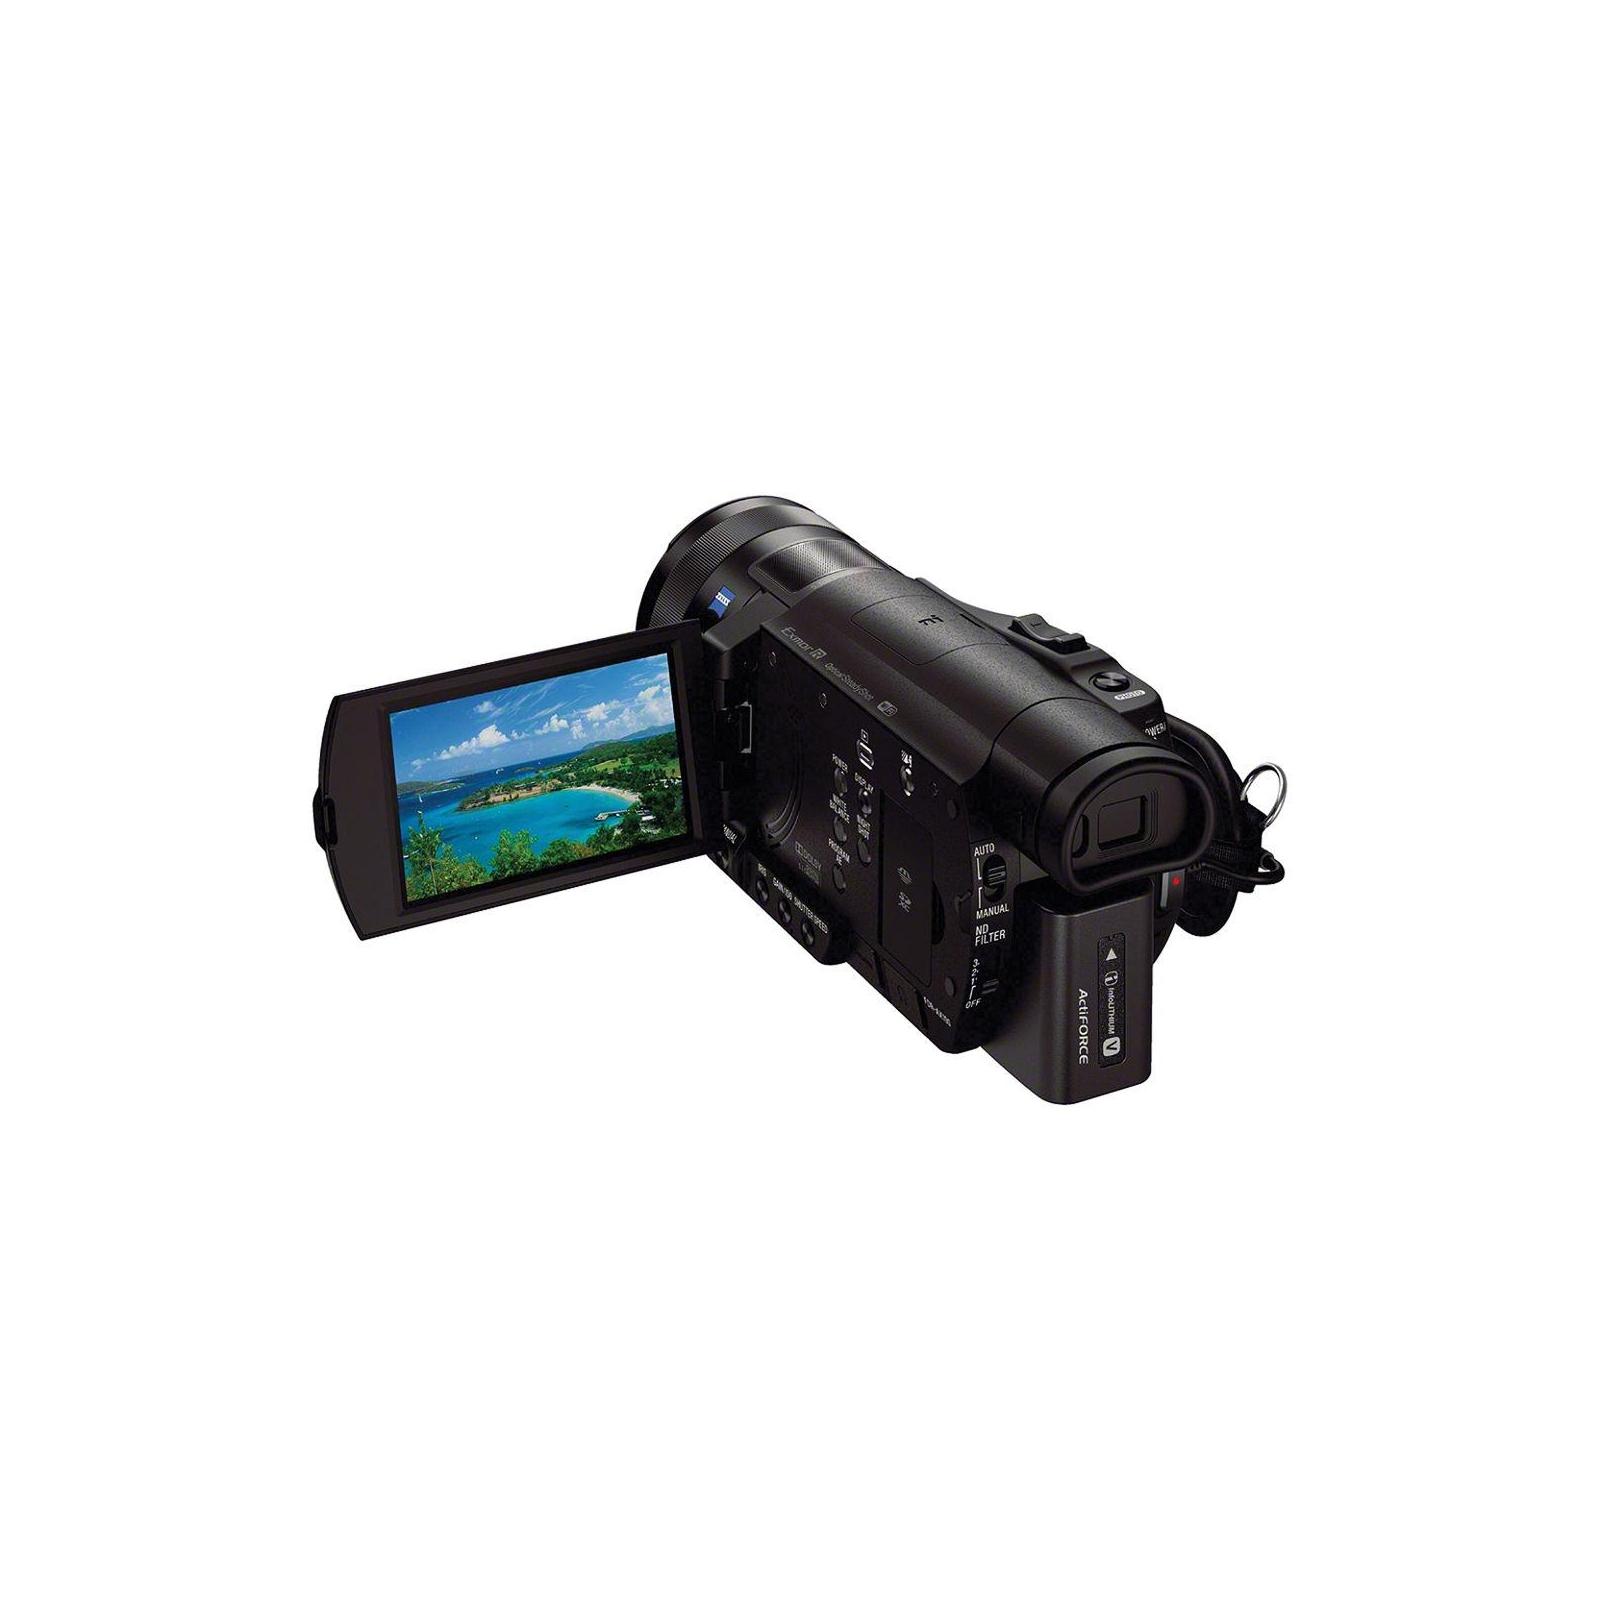 Цифровая видеокамера Sony Handycam FDR-AX700 Black (FDRAX700B.CEE) изображение 5